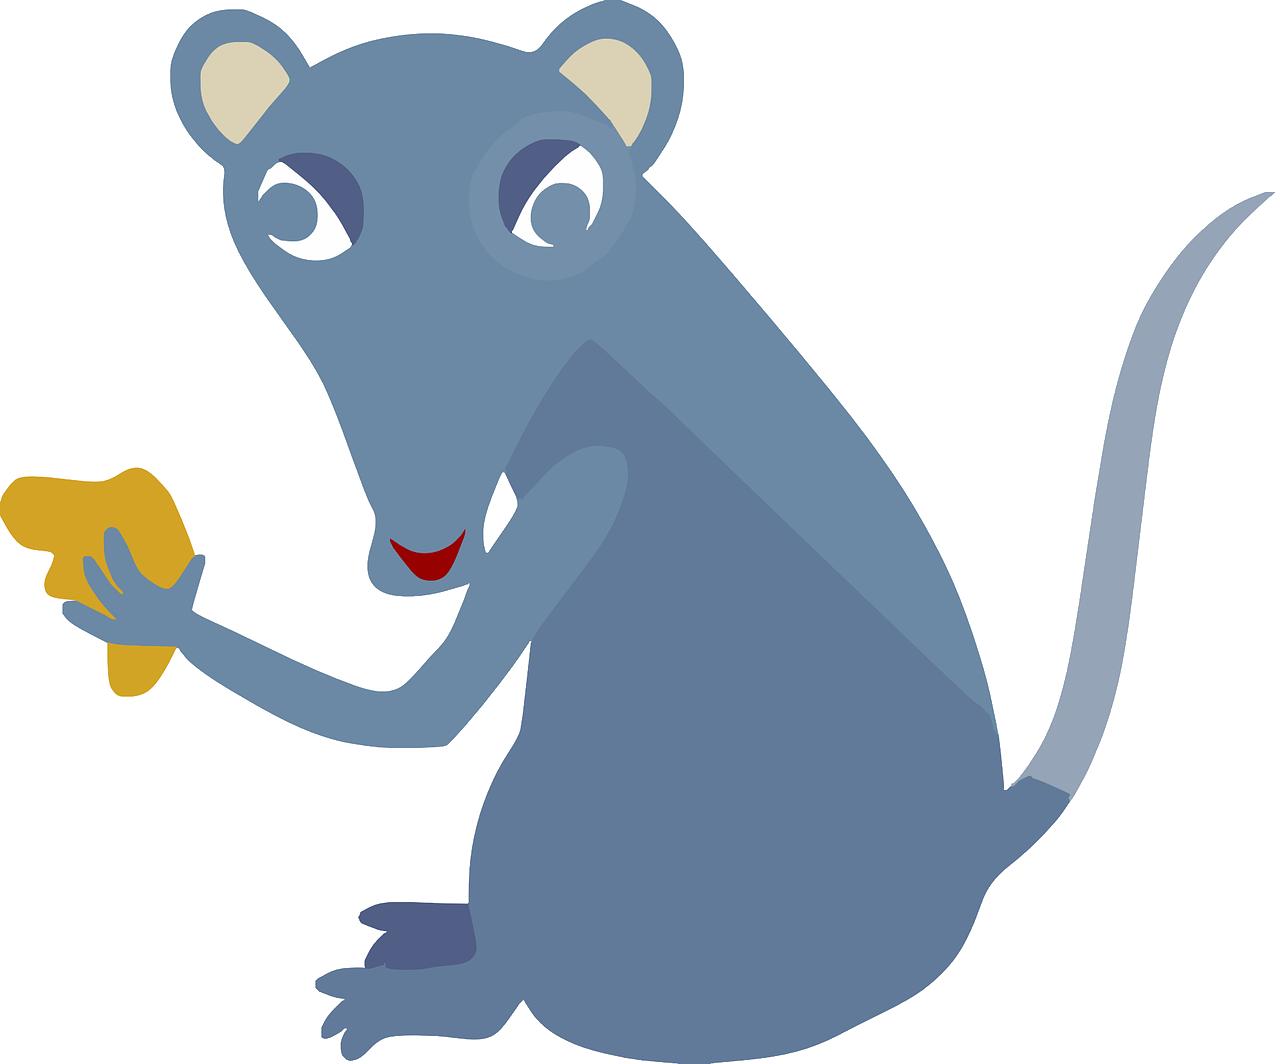 Rat clipart public domain #4